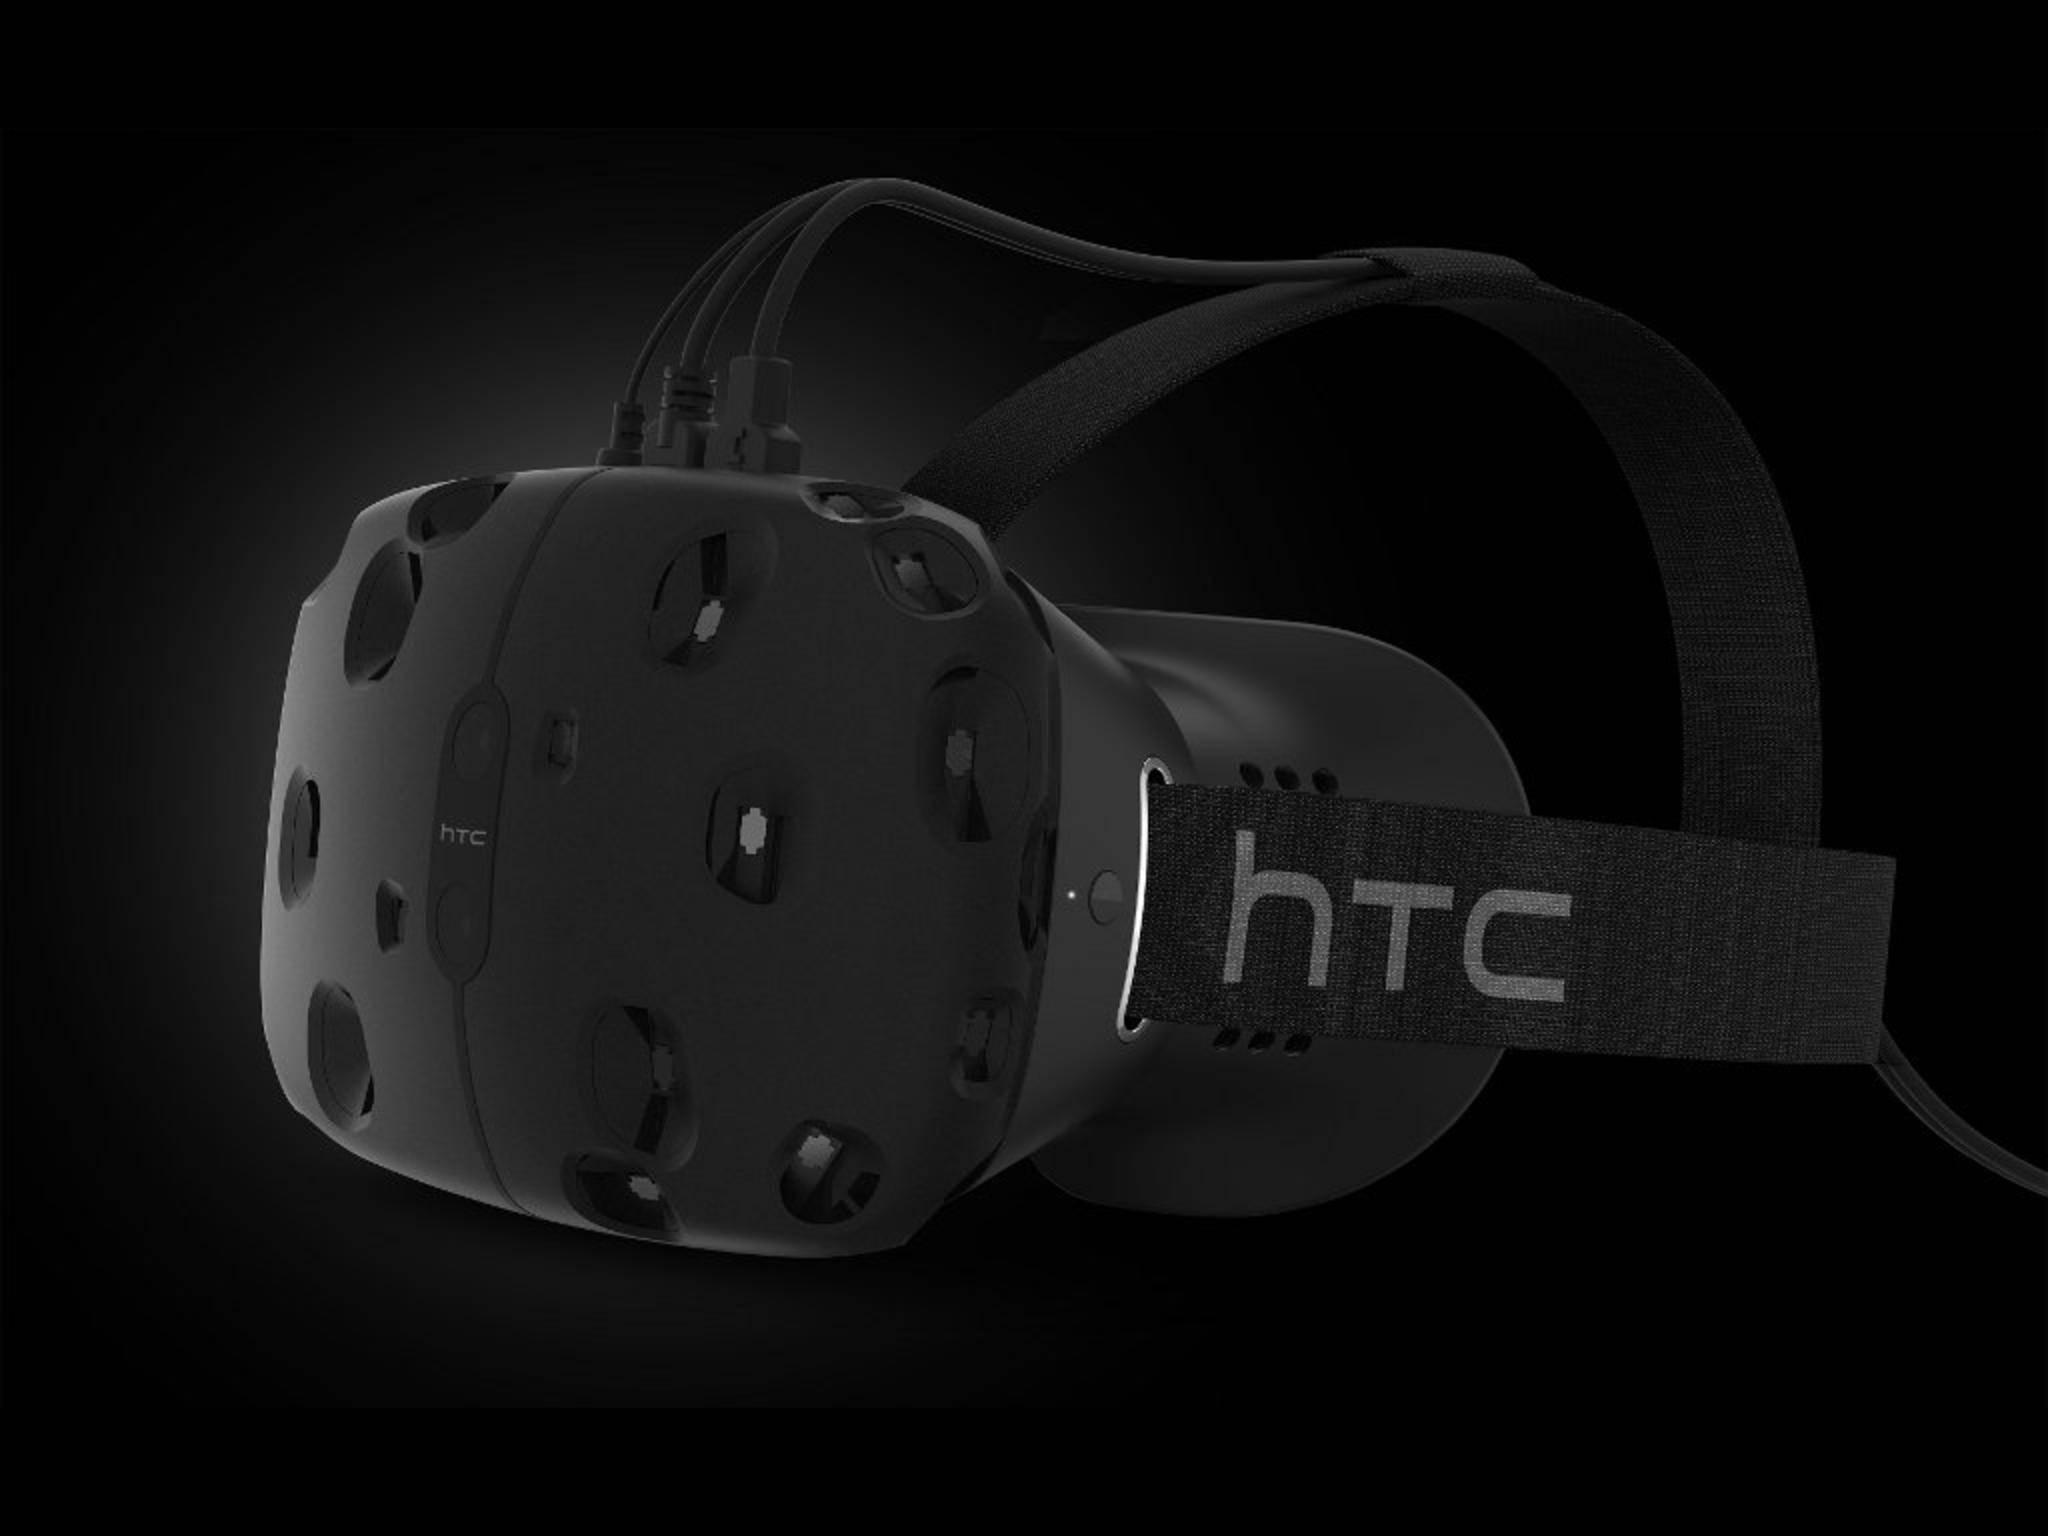 Die HTC Vive soll als VR-Brille für Computerspiele dienen.